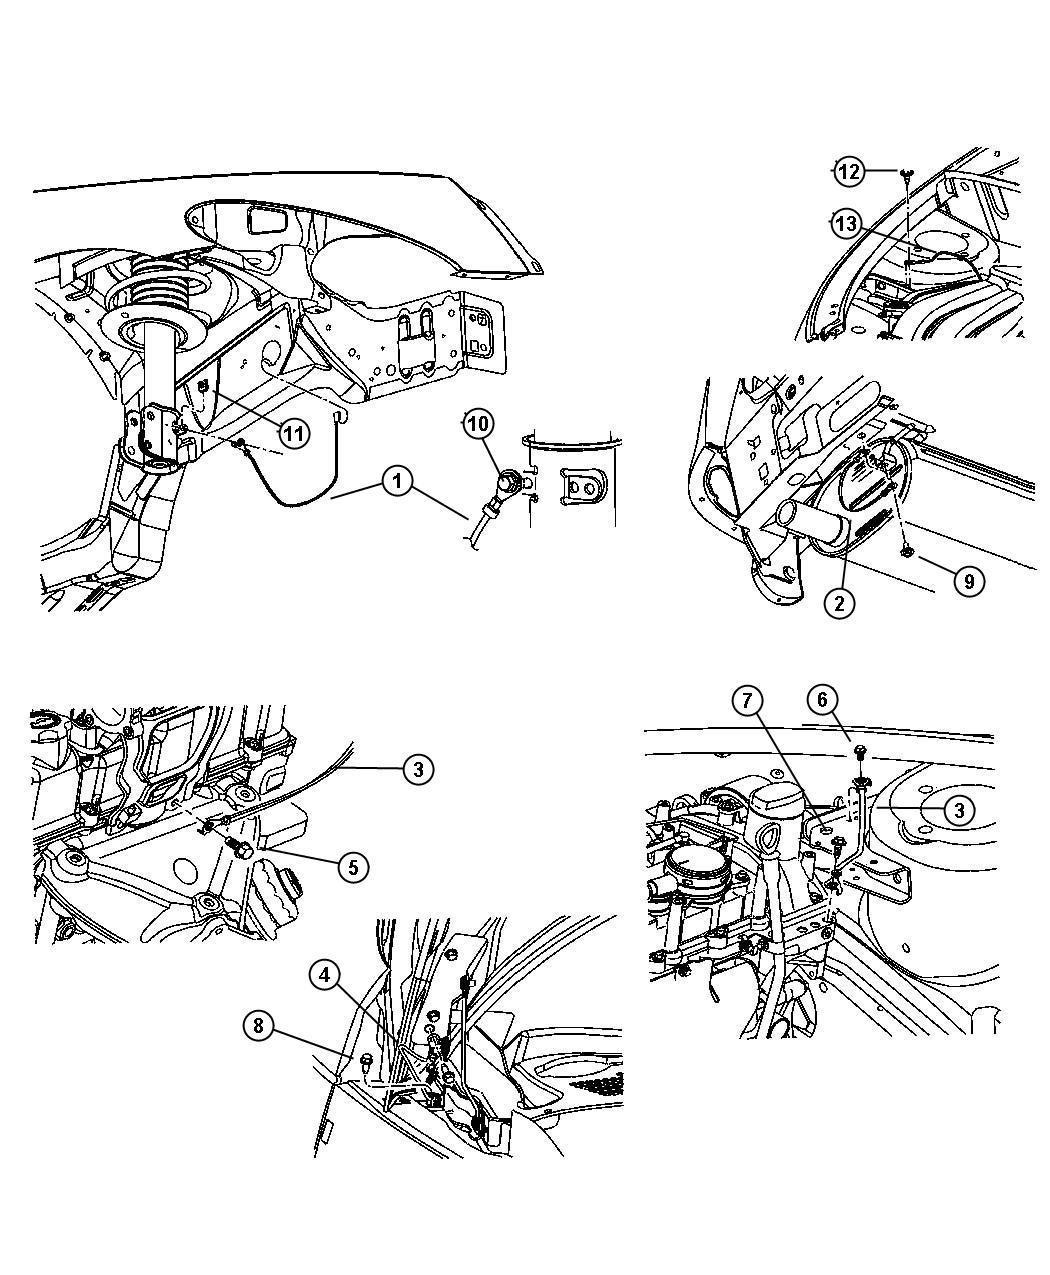 Jaguar Xk8 Seat Parts Diagram Engine